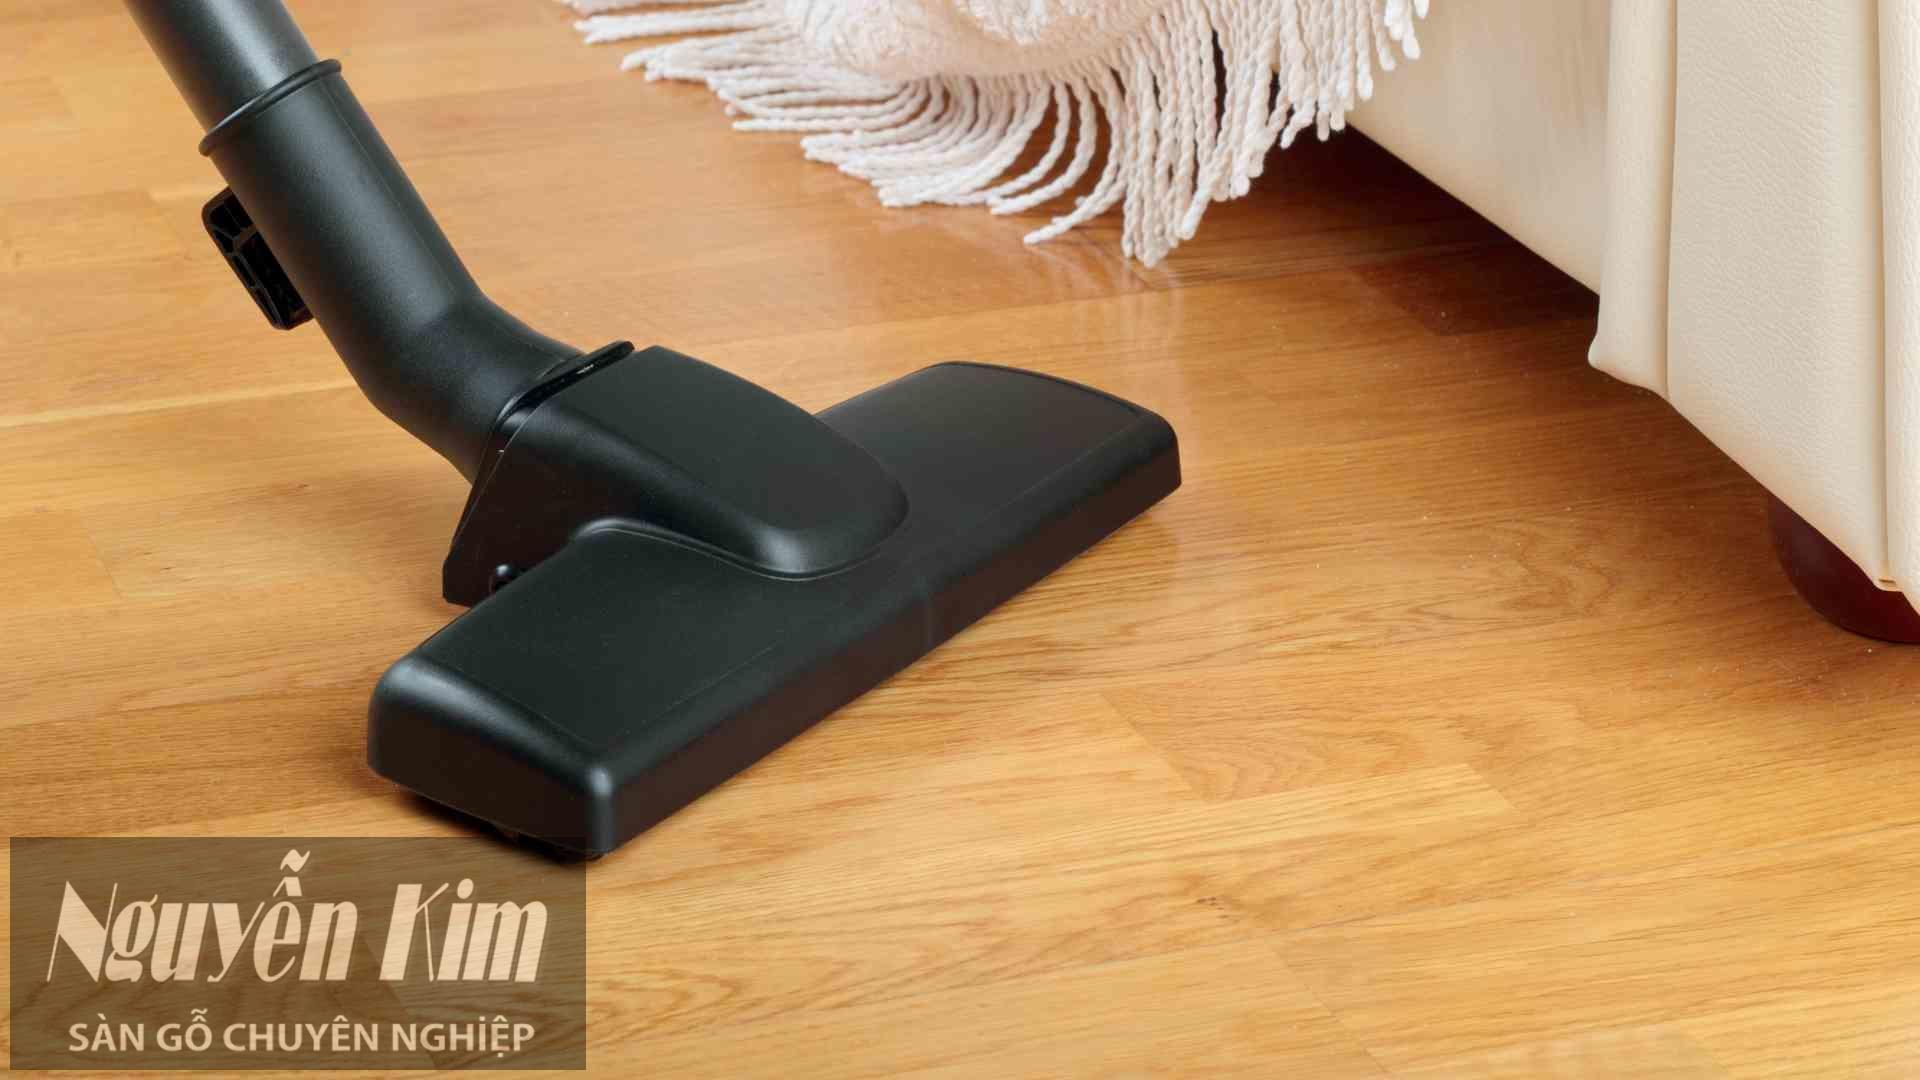 lau sạch sàn gỗ tự nhiên bằng máy hụt bụi